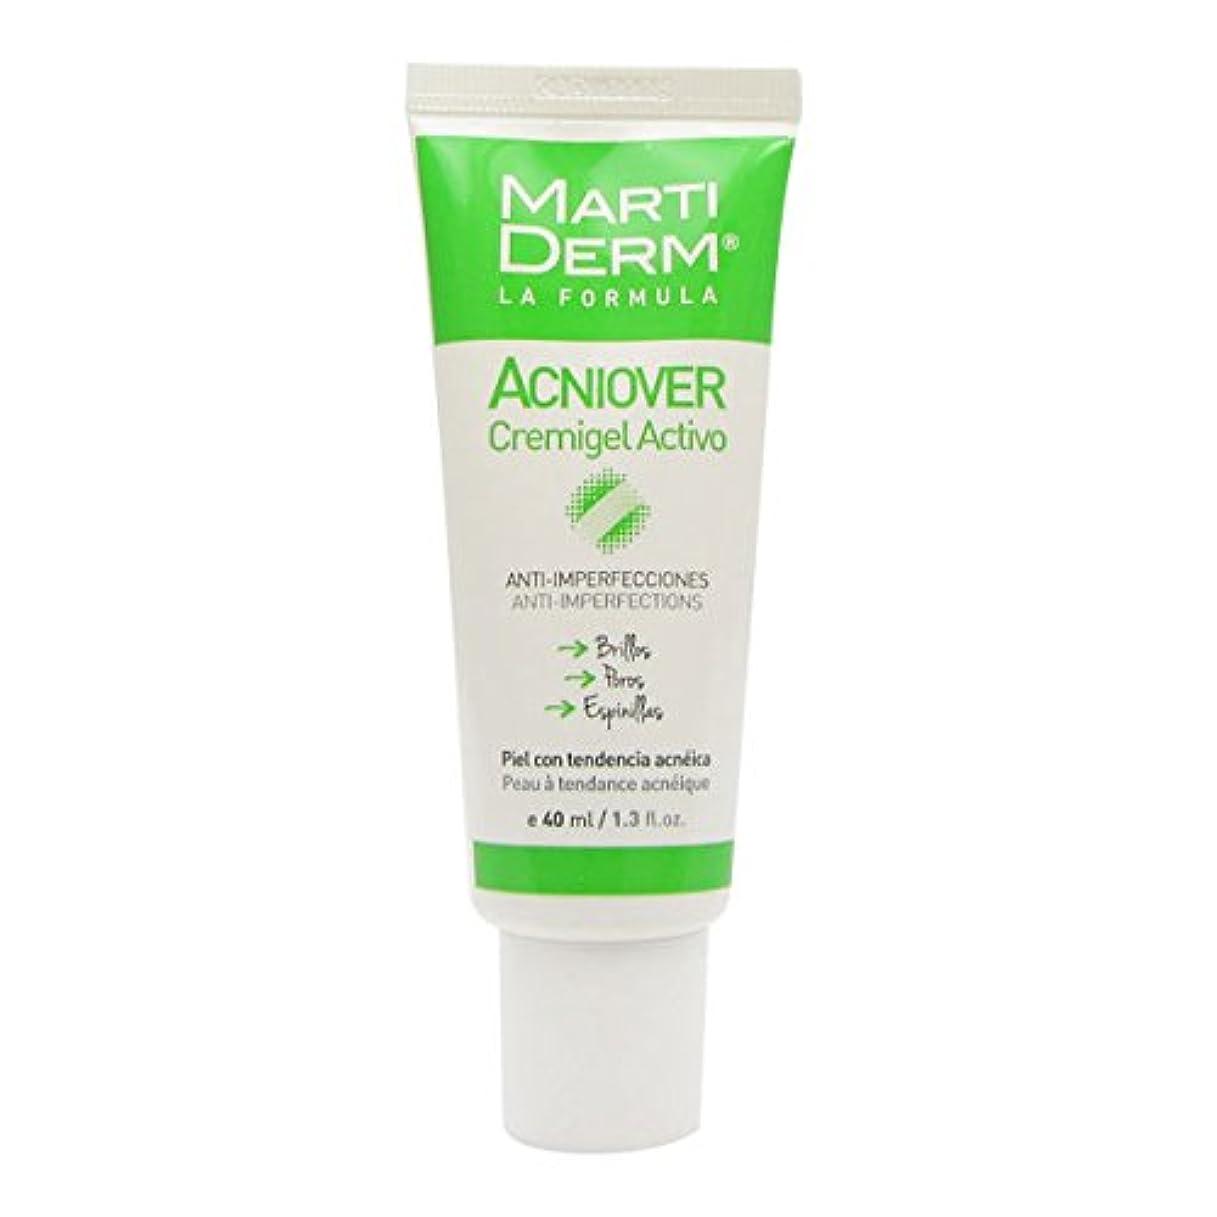 医薬品単位奨学金Martiderm Acniover Cream-gel 40ml [並行輸入品]